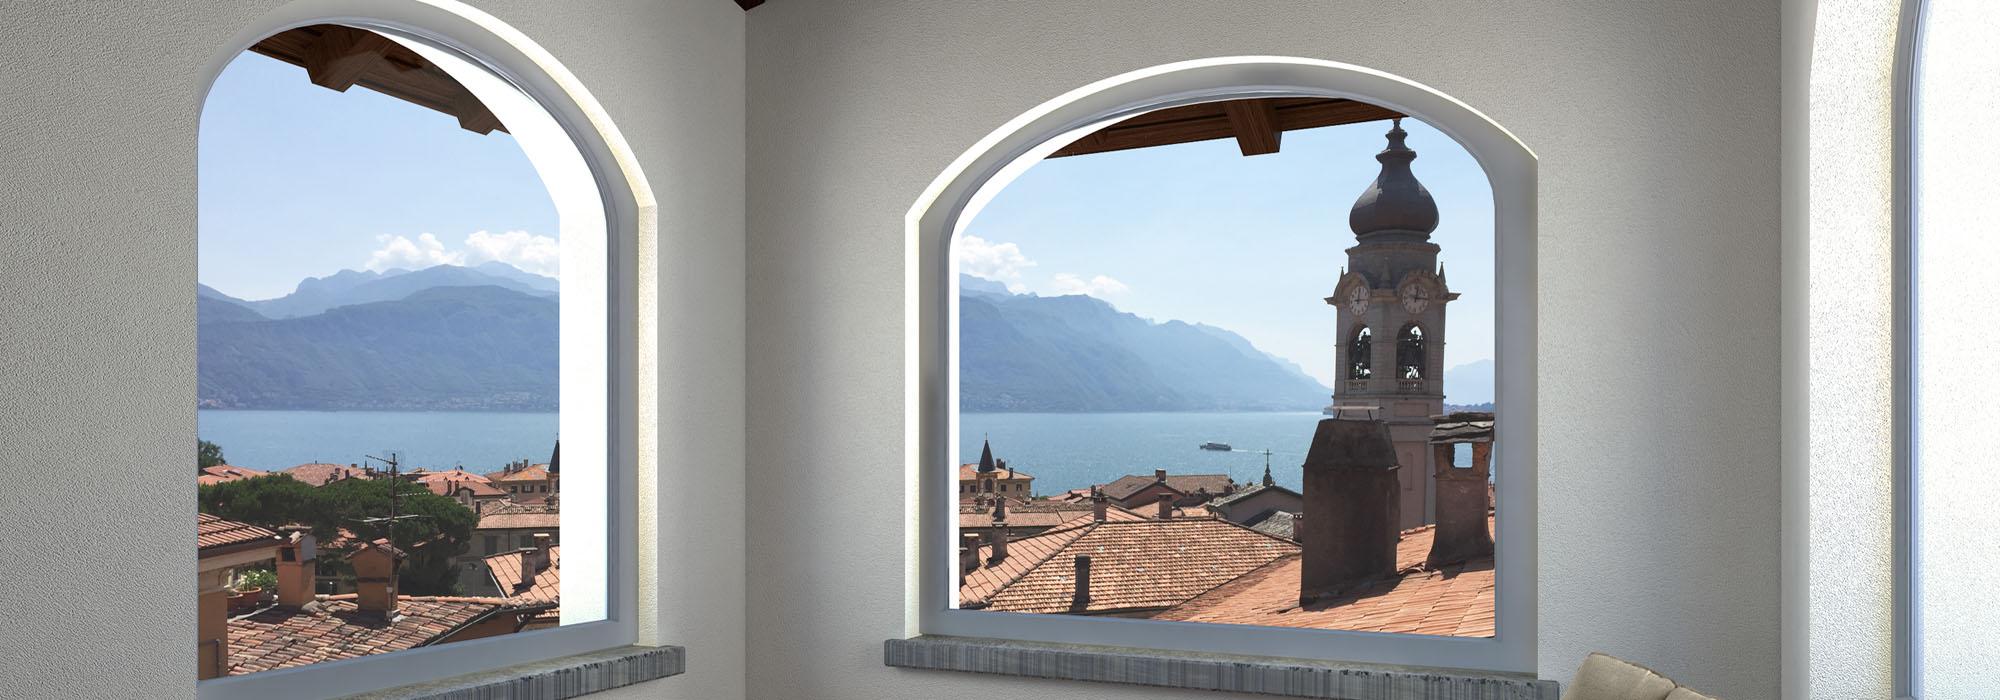 New stylish apartments in restored period villa in Menaggio